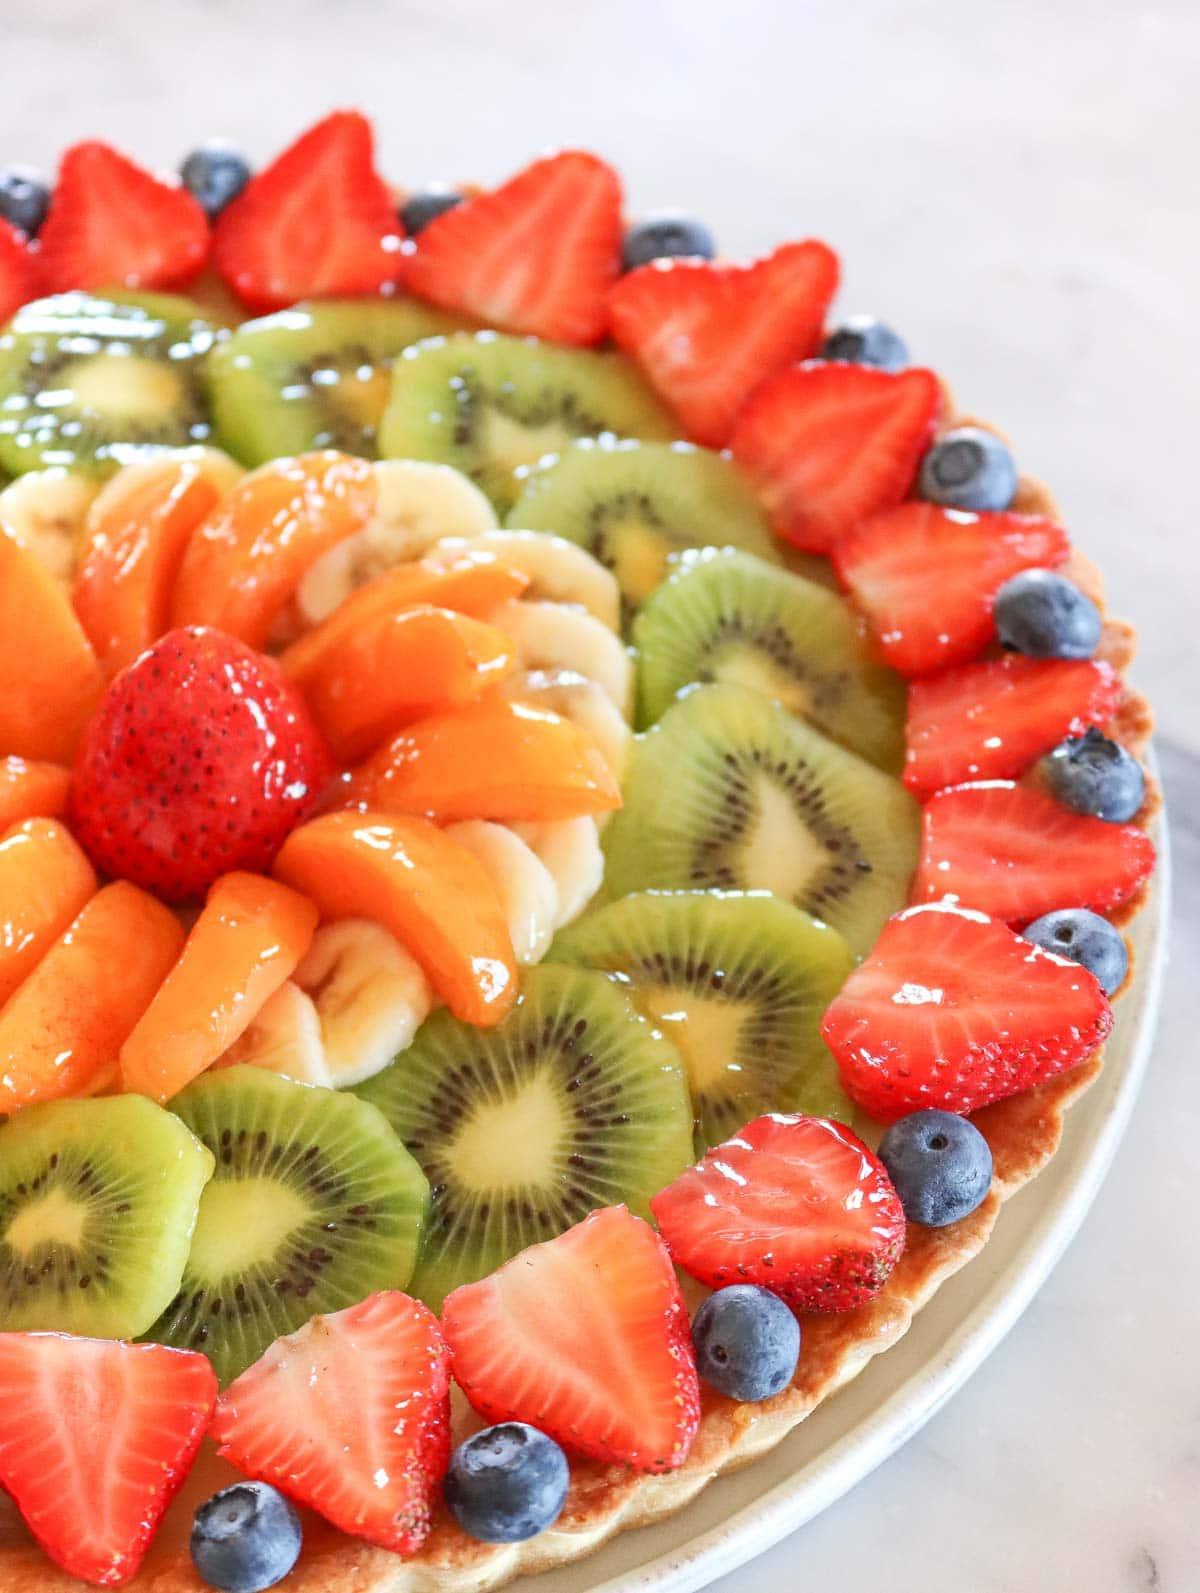 crostata di frutta con crema pasticcera, fragole e mirtilli